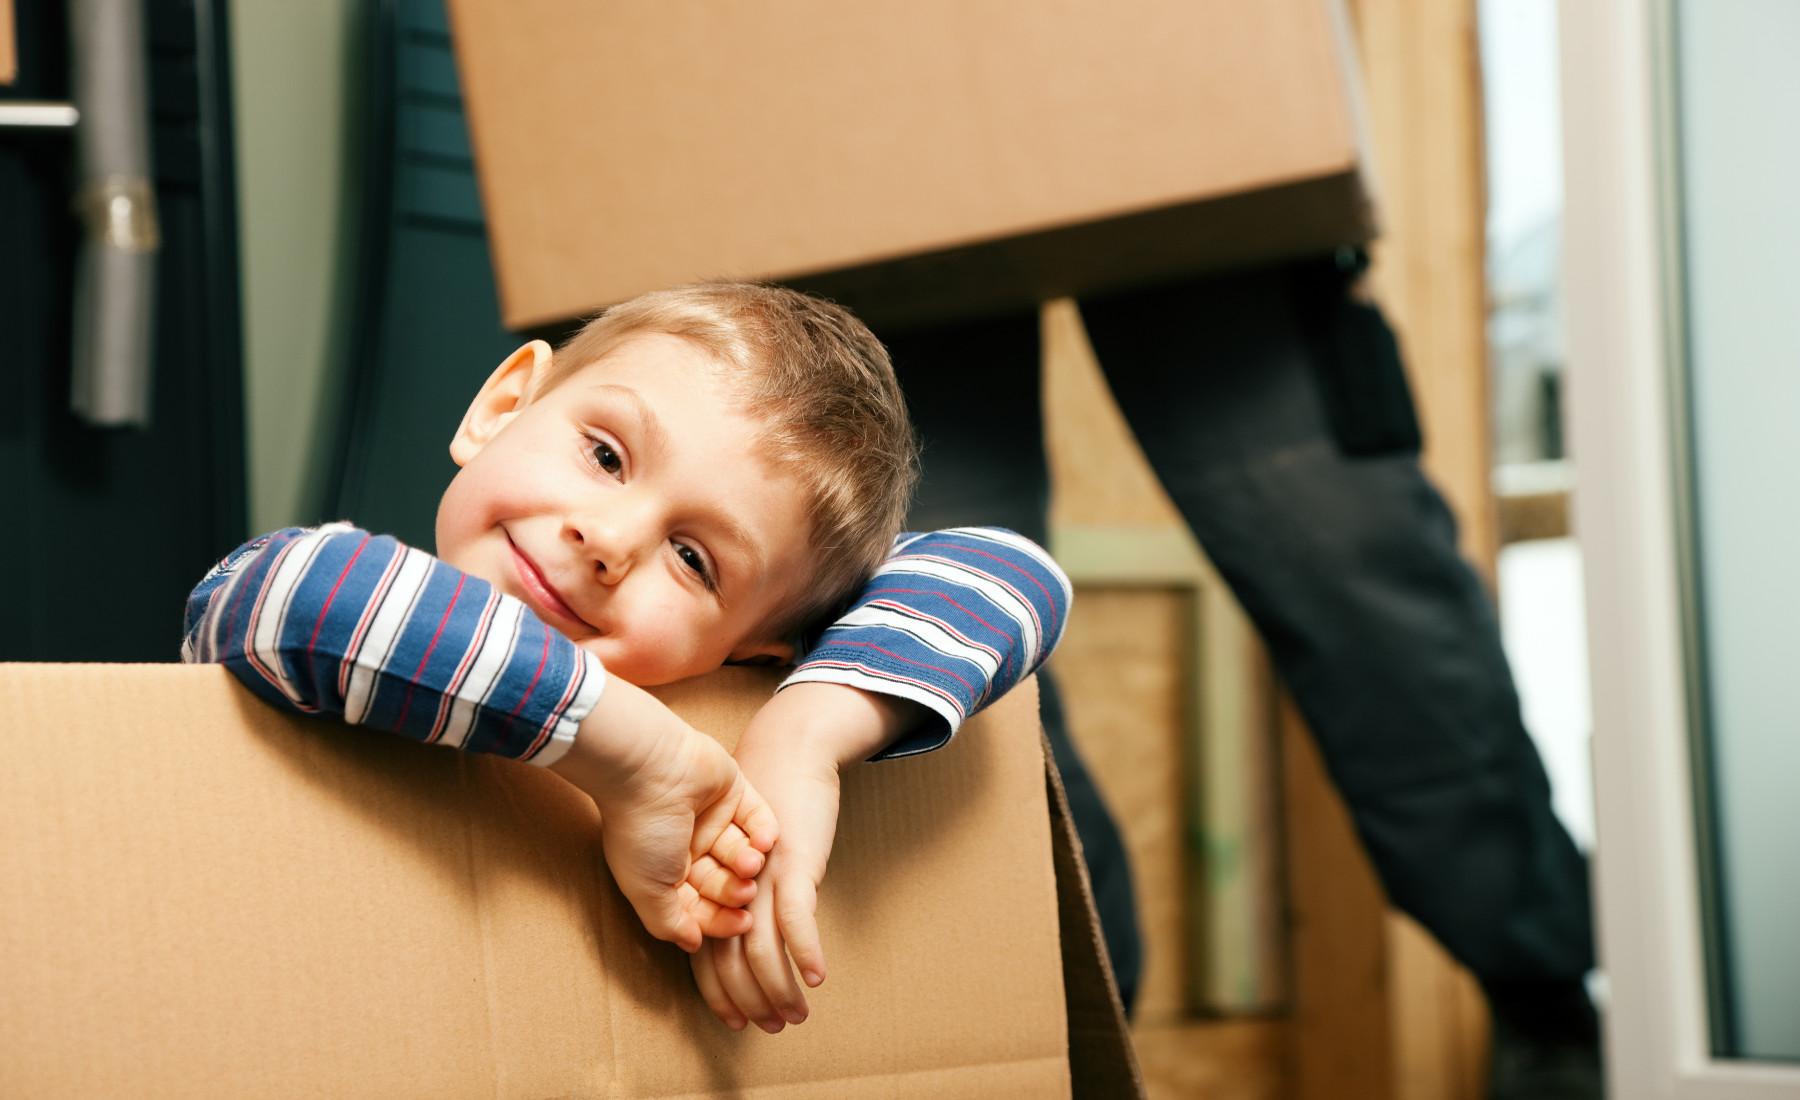 איך לעבור בשלום מעבר דירה עם ילדים?